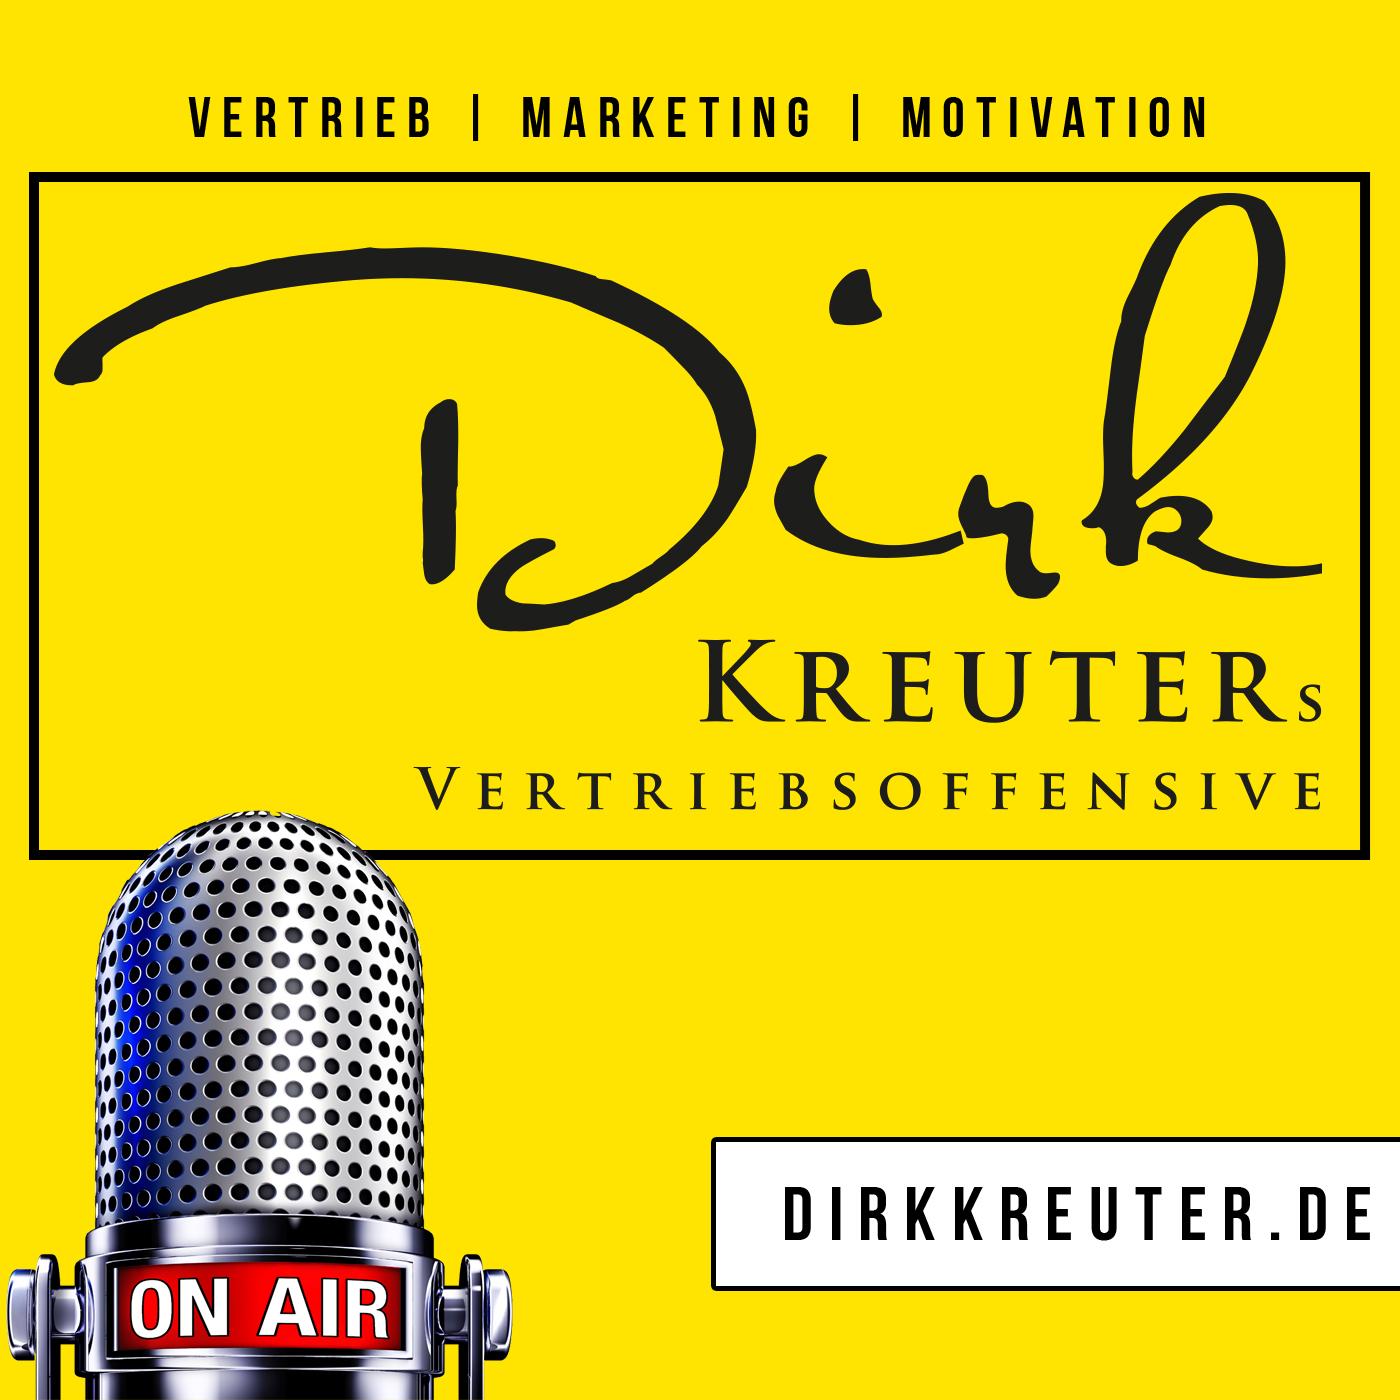 Dirk Kreuters Vertriebsoffensive: Verkauf | Marketing | Vertrieb | Führung | Motivation logo